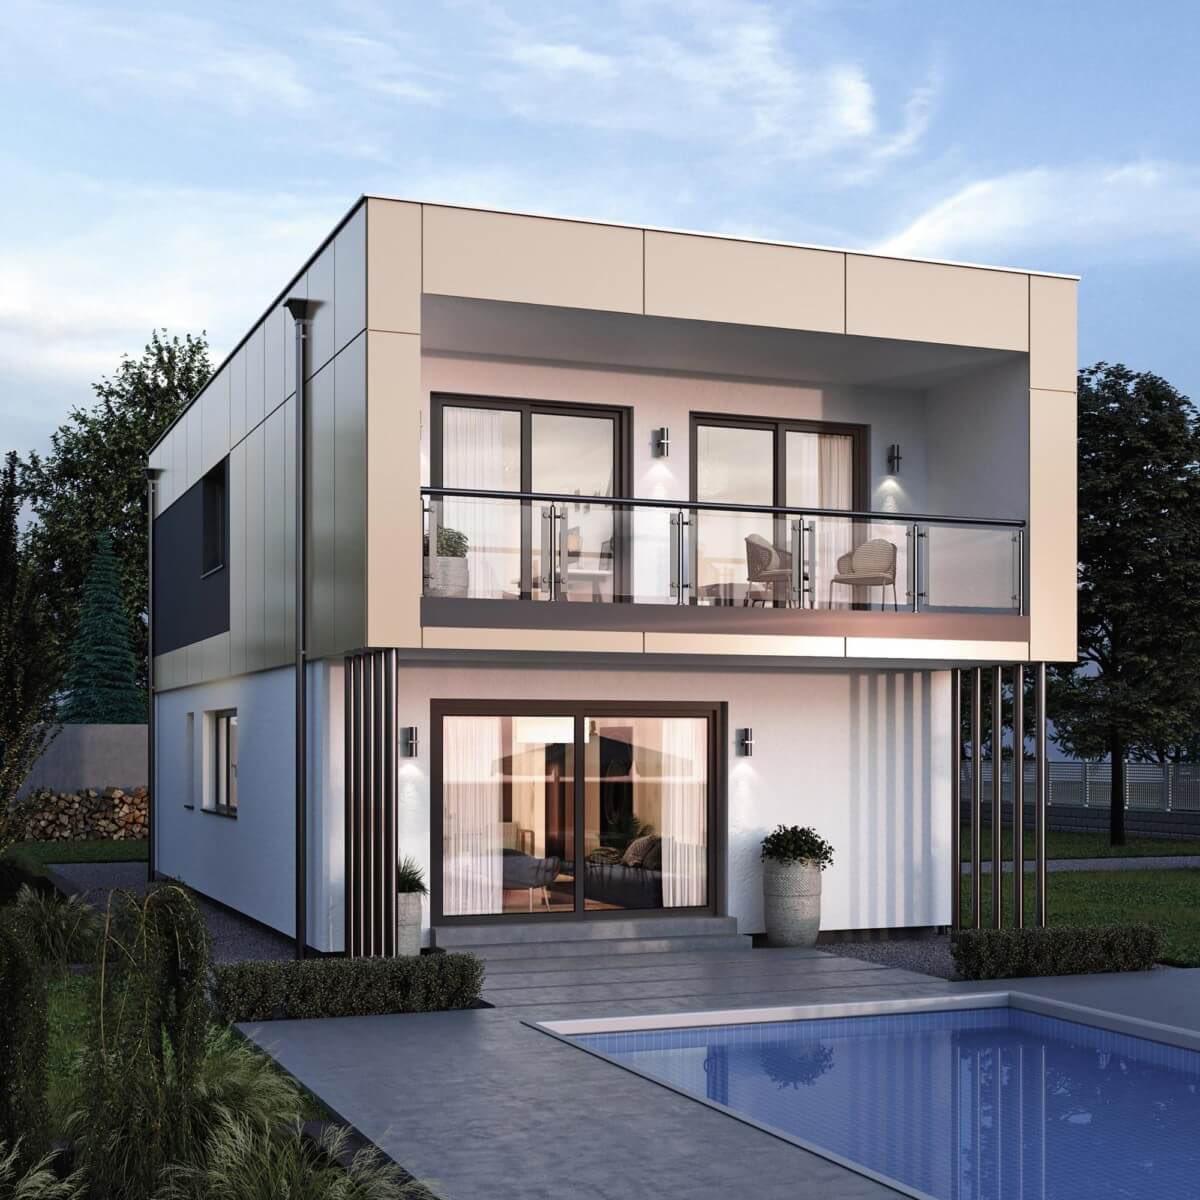 Entzückend Haus Mit Flachdach Beste Wahl Modernes #design # #flachdach Elk 132 -